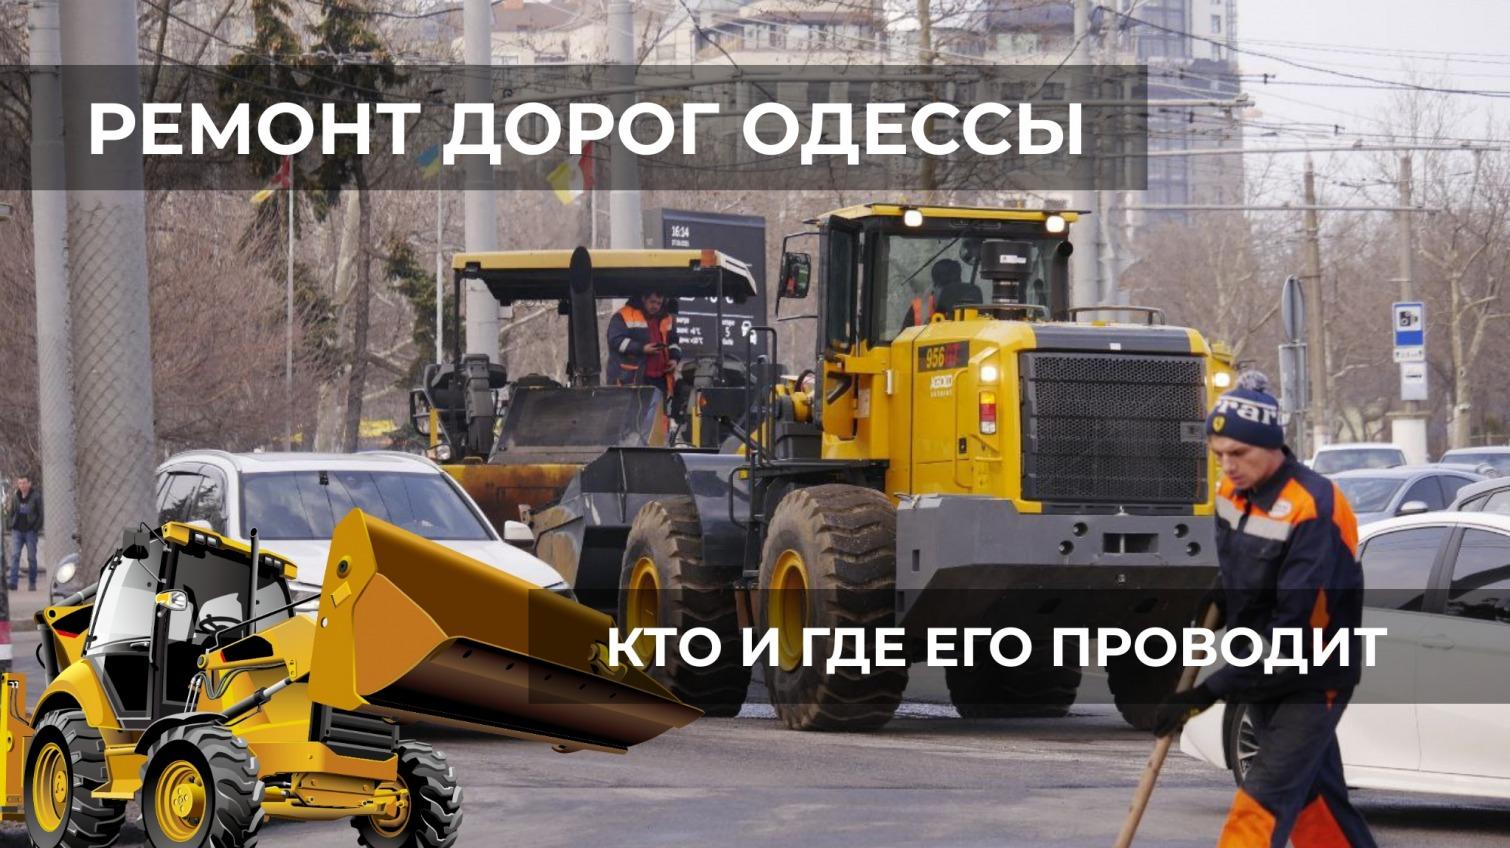 «Ямочный» ремонт дорог Одессы: кто и где его делает (карта, фото, инфографика) «фото»